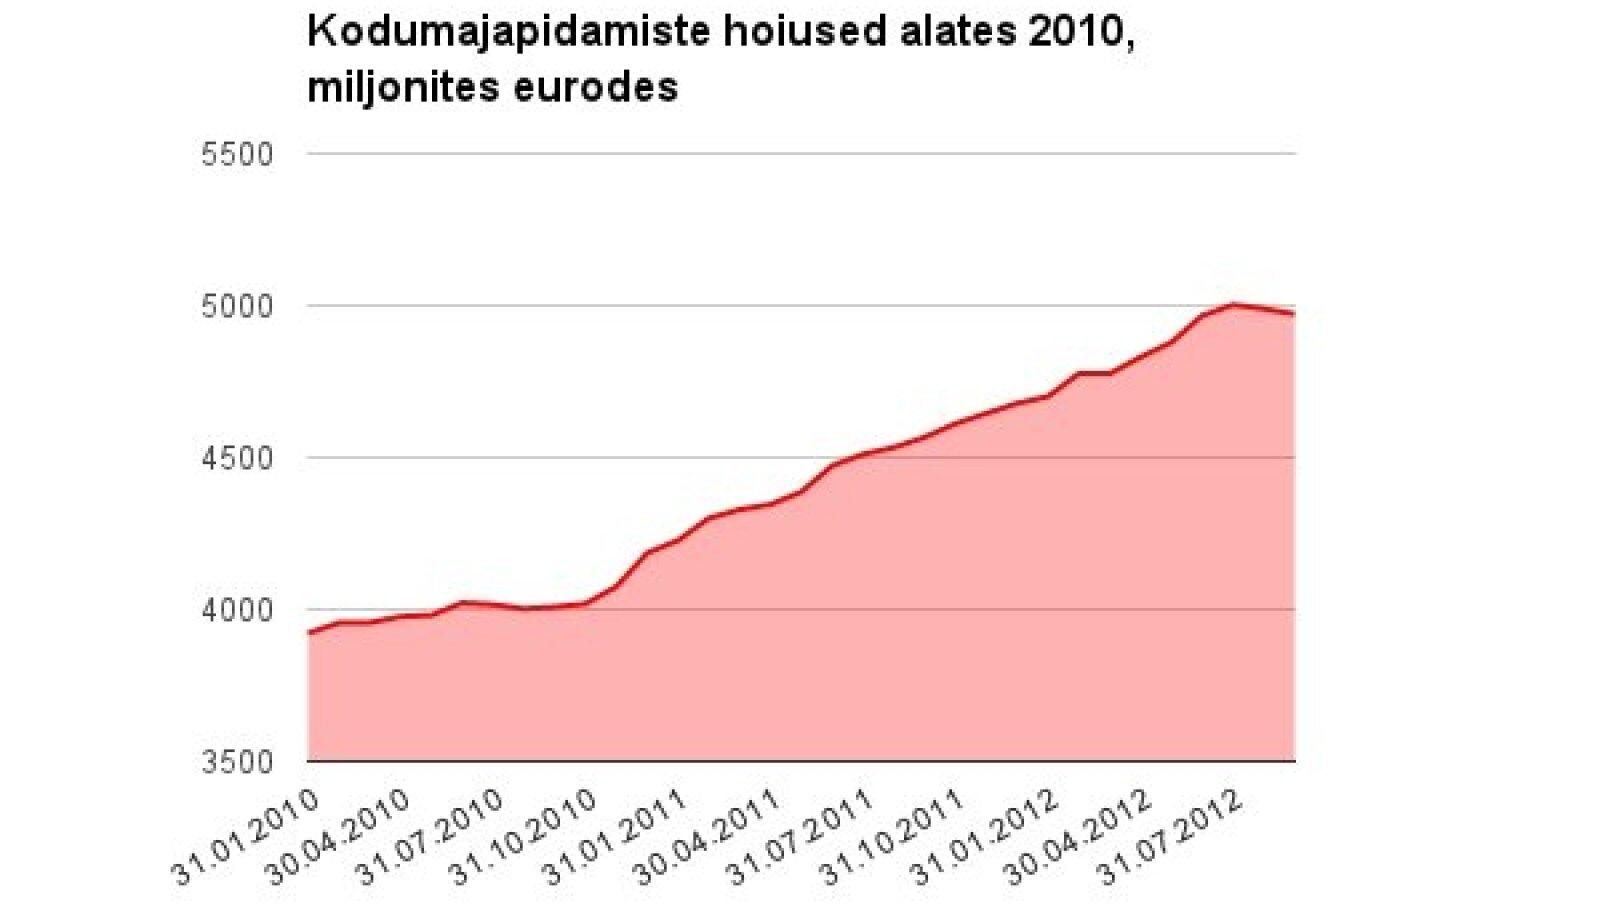 Kodumajapidamiste hoiused, allikas: Eesti Pank